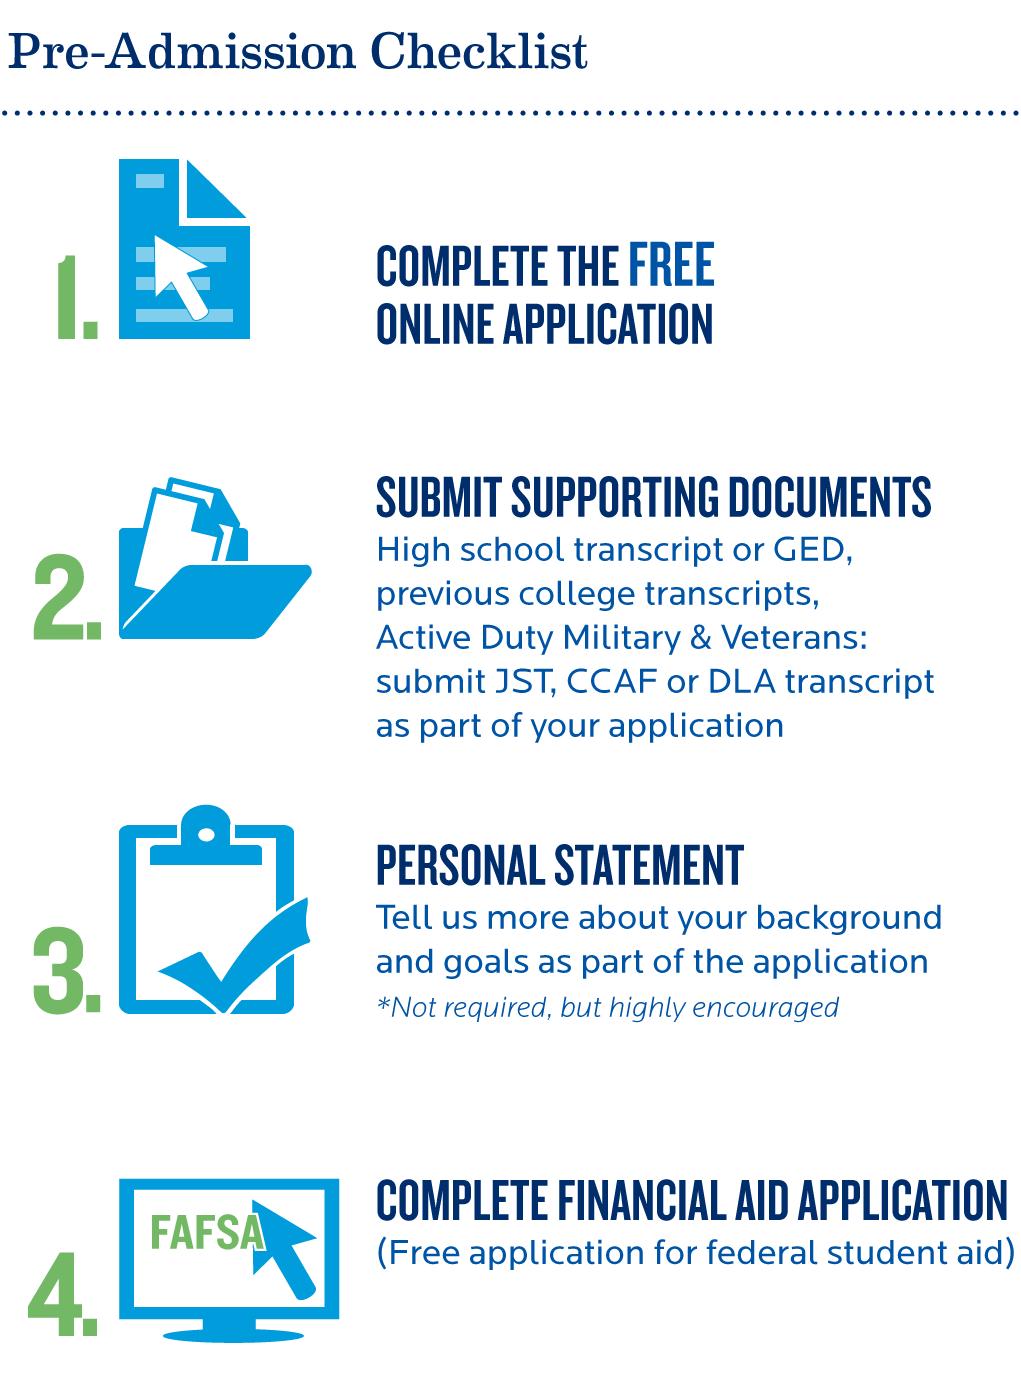 Pre-Admission Checklist